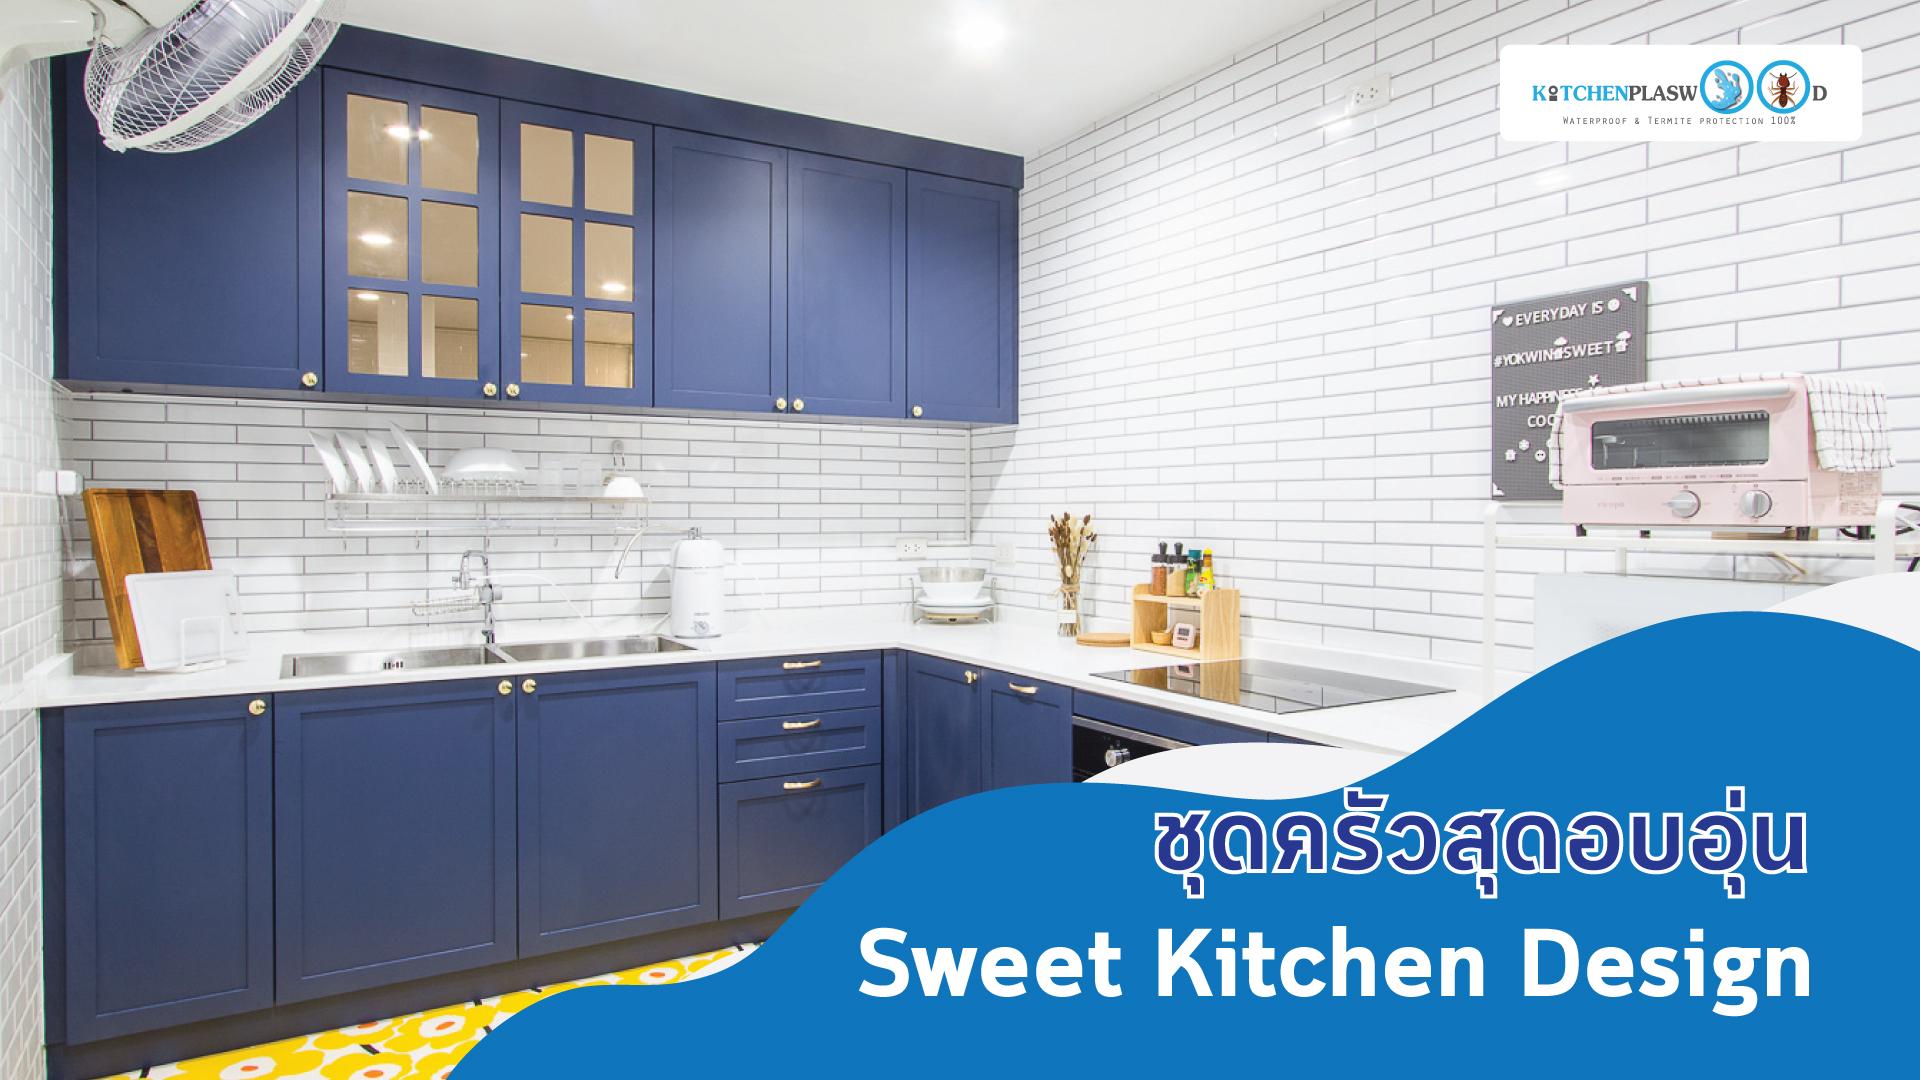 ชุดครัวสายหวาน, Sweet Kitchen Design, ชุดครัวบิ้วอิน, ครัวบิ้วอินสไตล์คลาสสิค, ชุดครัวตัวแอล, ครัวโทนน้ำเงิน,